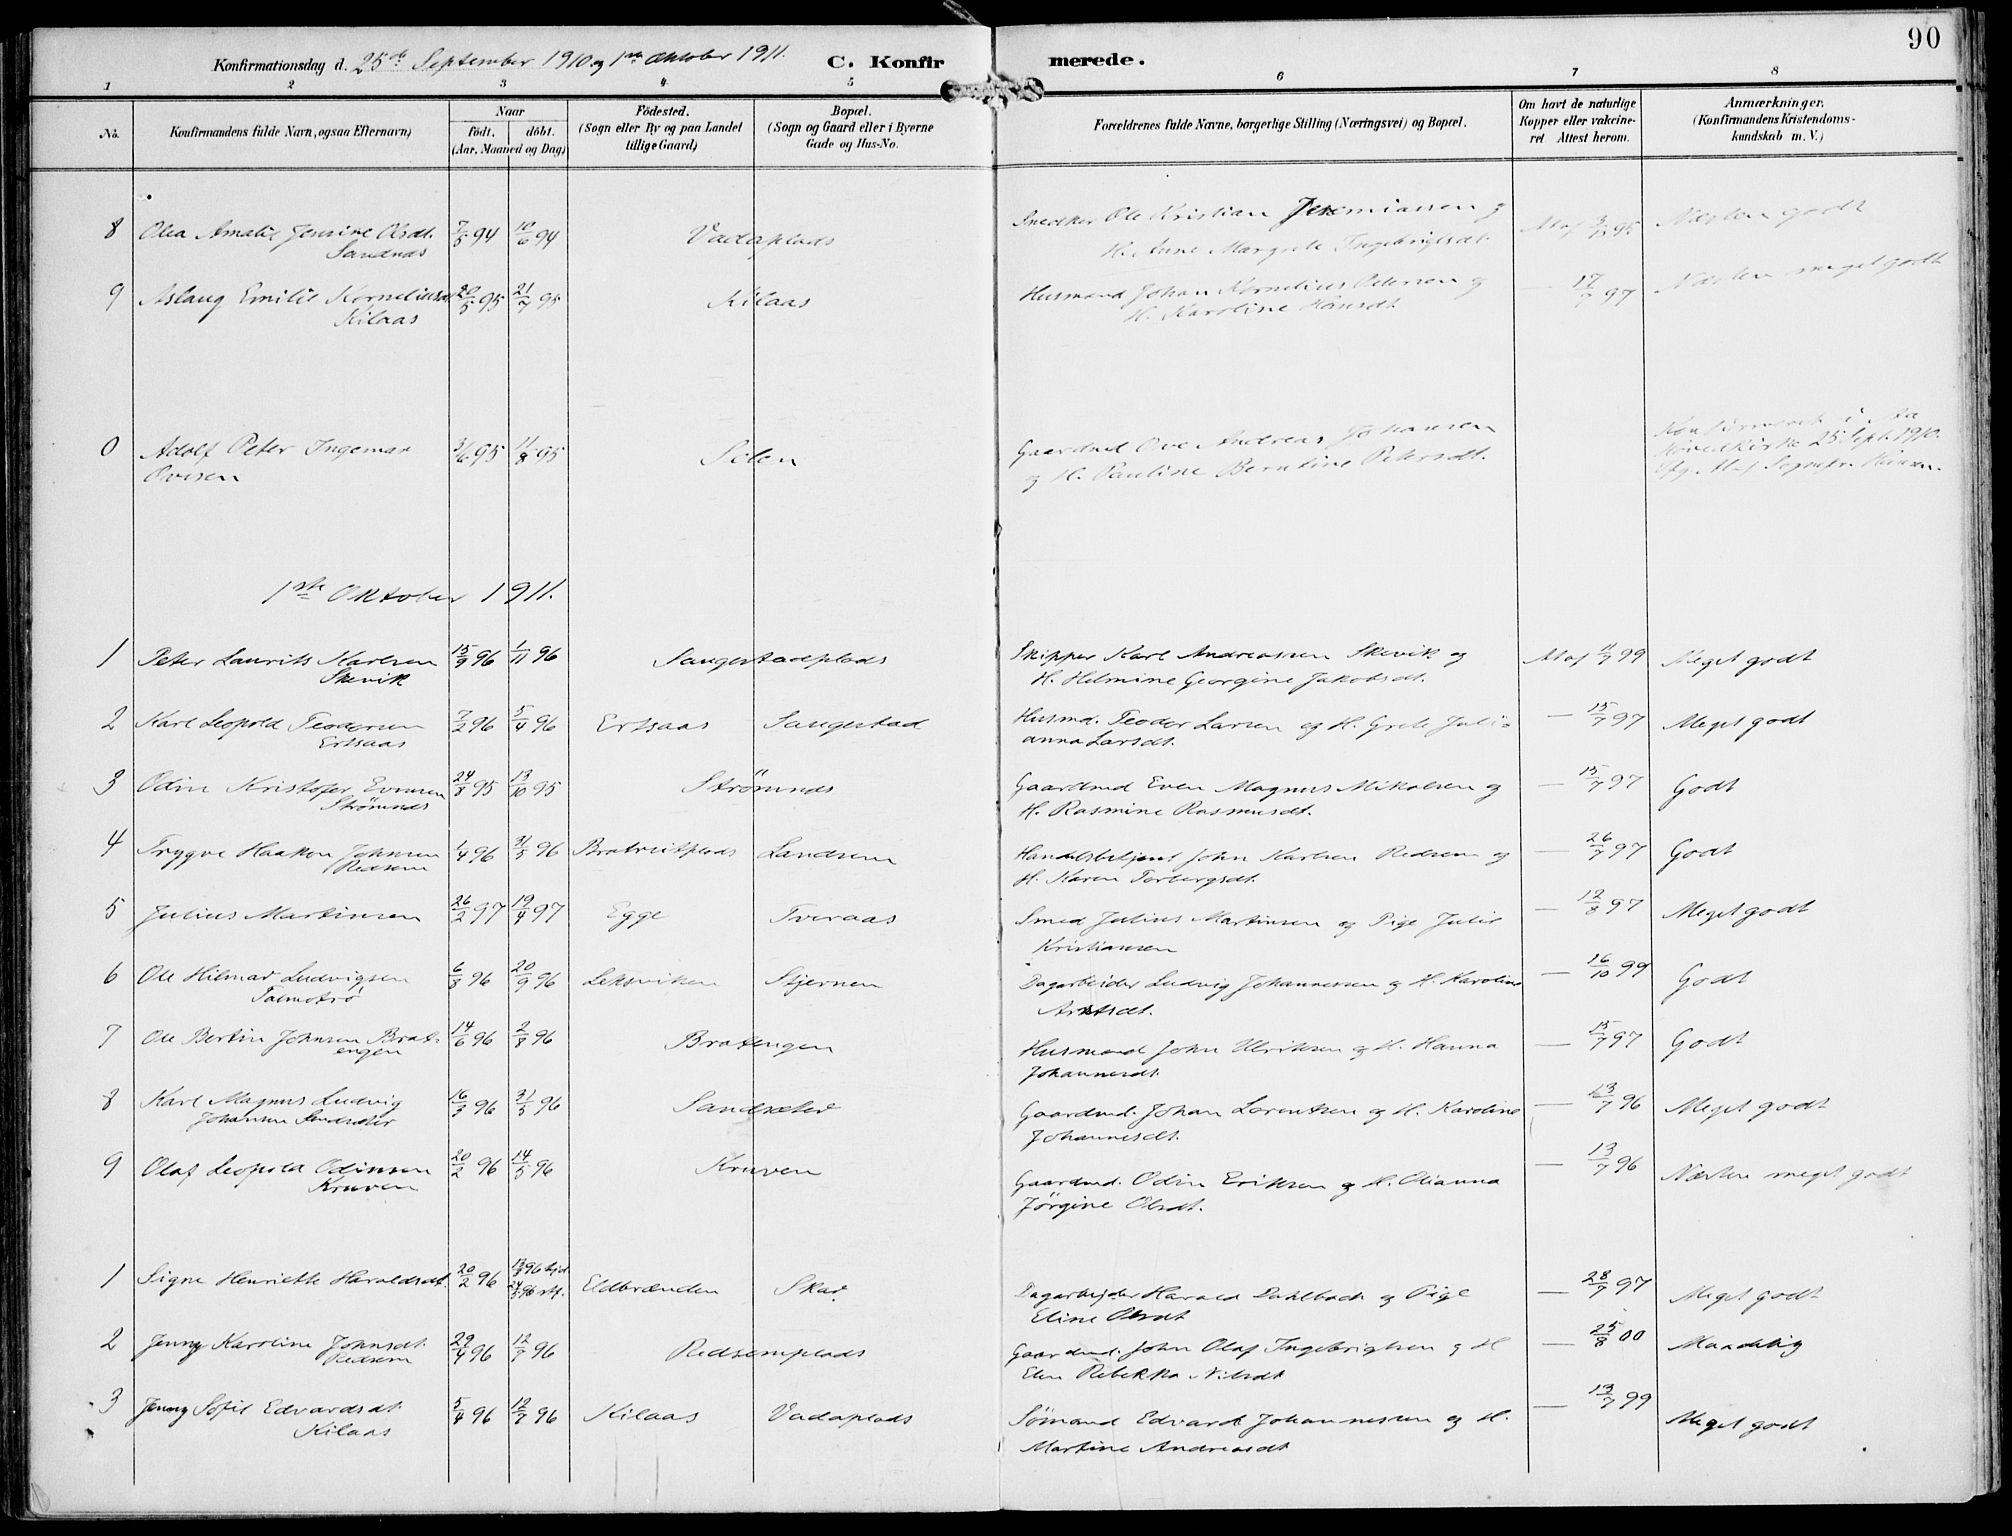 SAT, Ministerialprotokoller, klokkerbøker og fødselsregistre - Nord-Trøndelag, 745/L0430: Ministerialbok nr. 745A02, 1895-1913, s. 90